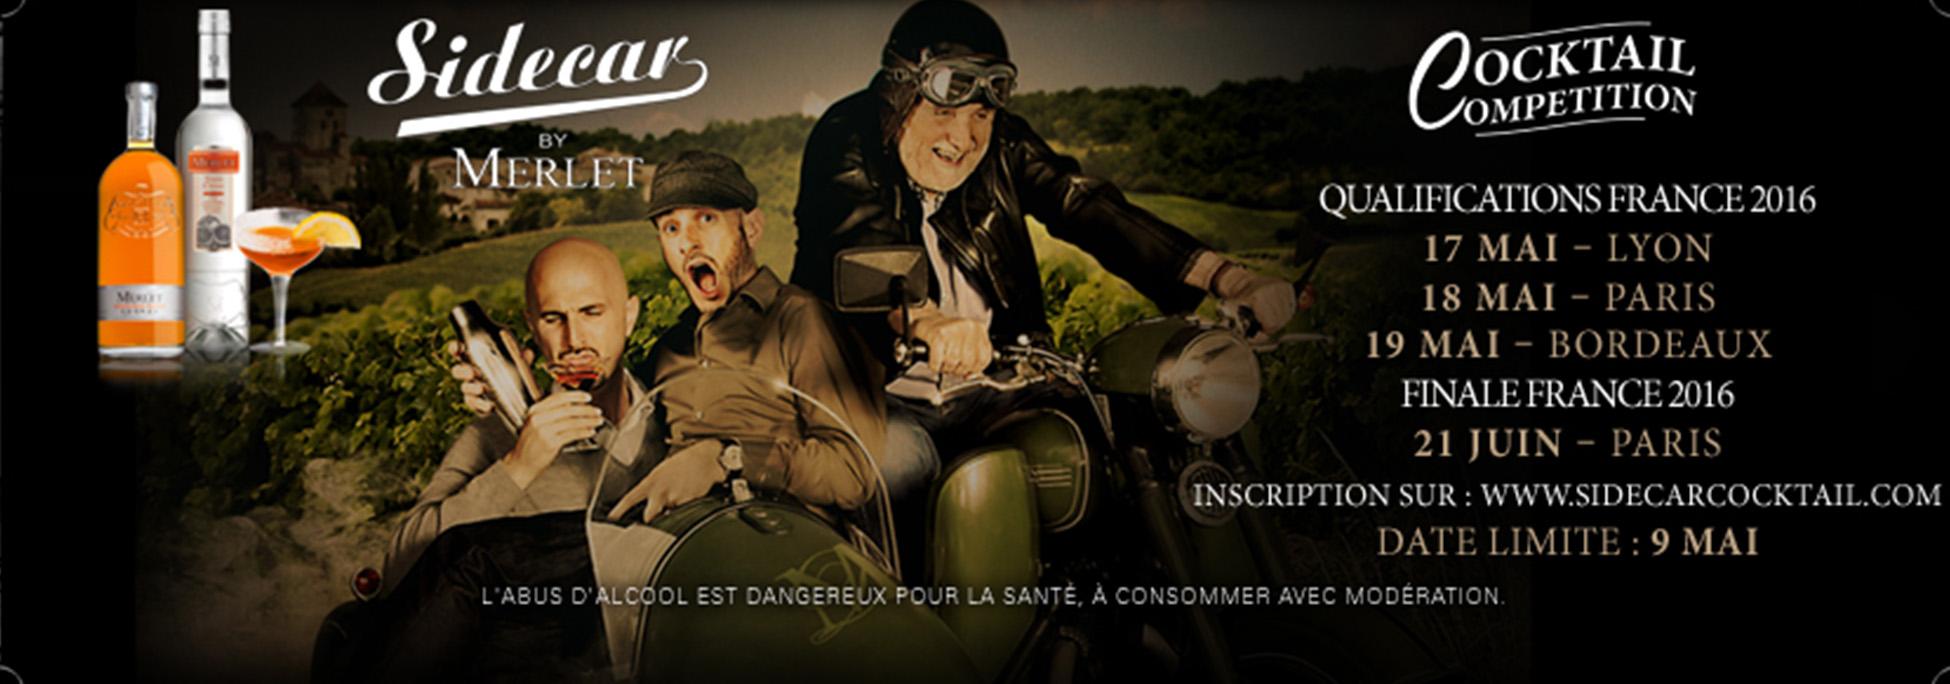 Concours Sidecar by Merlet 2016 : Rdv à Lyon, Paris et Bordeaux